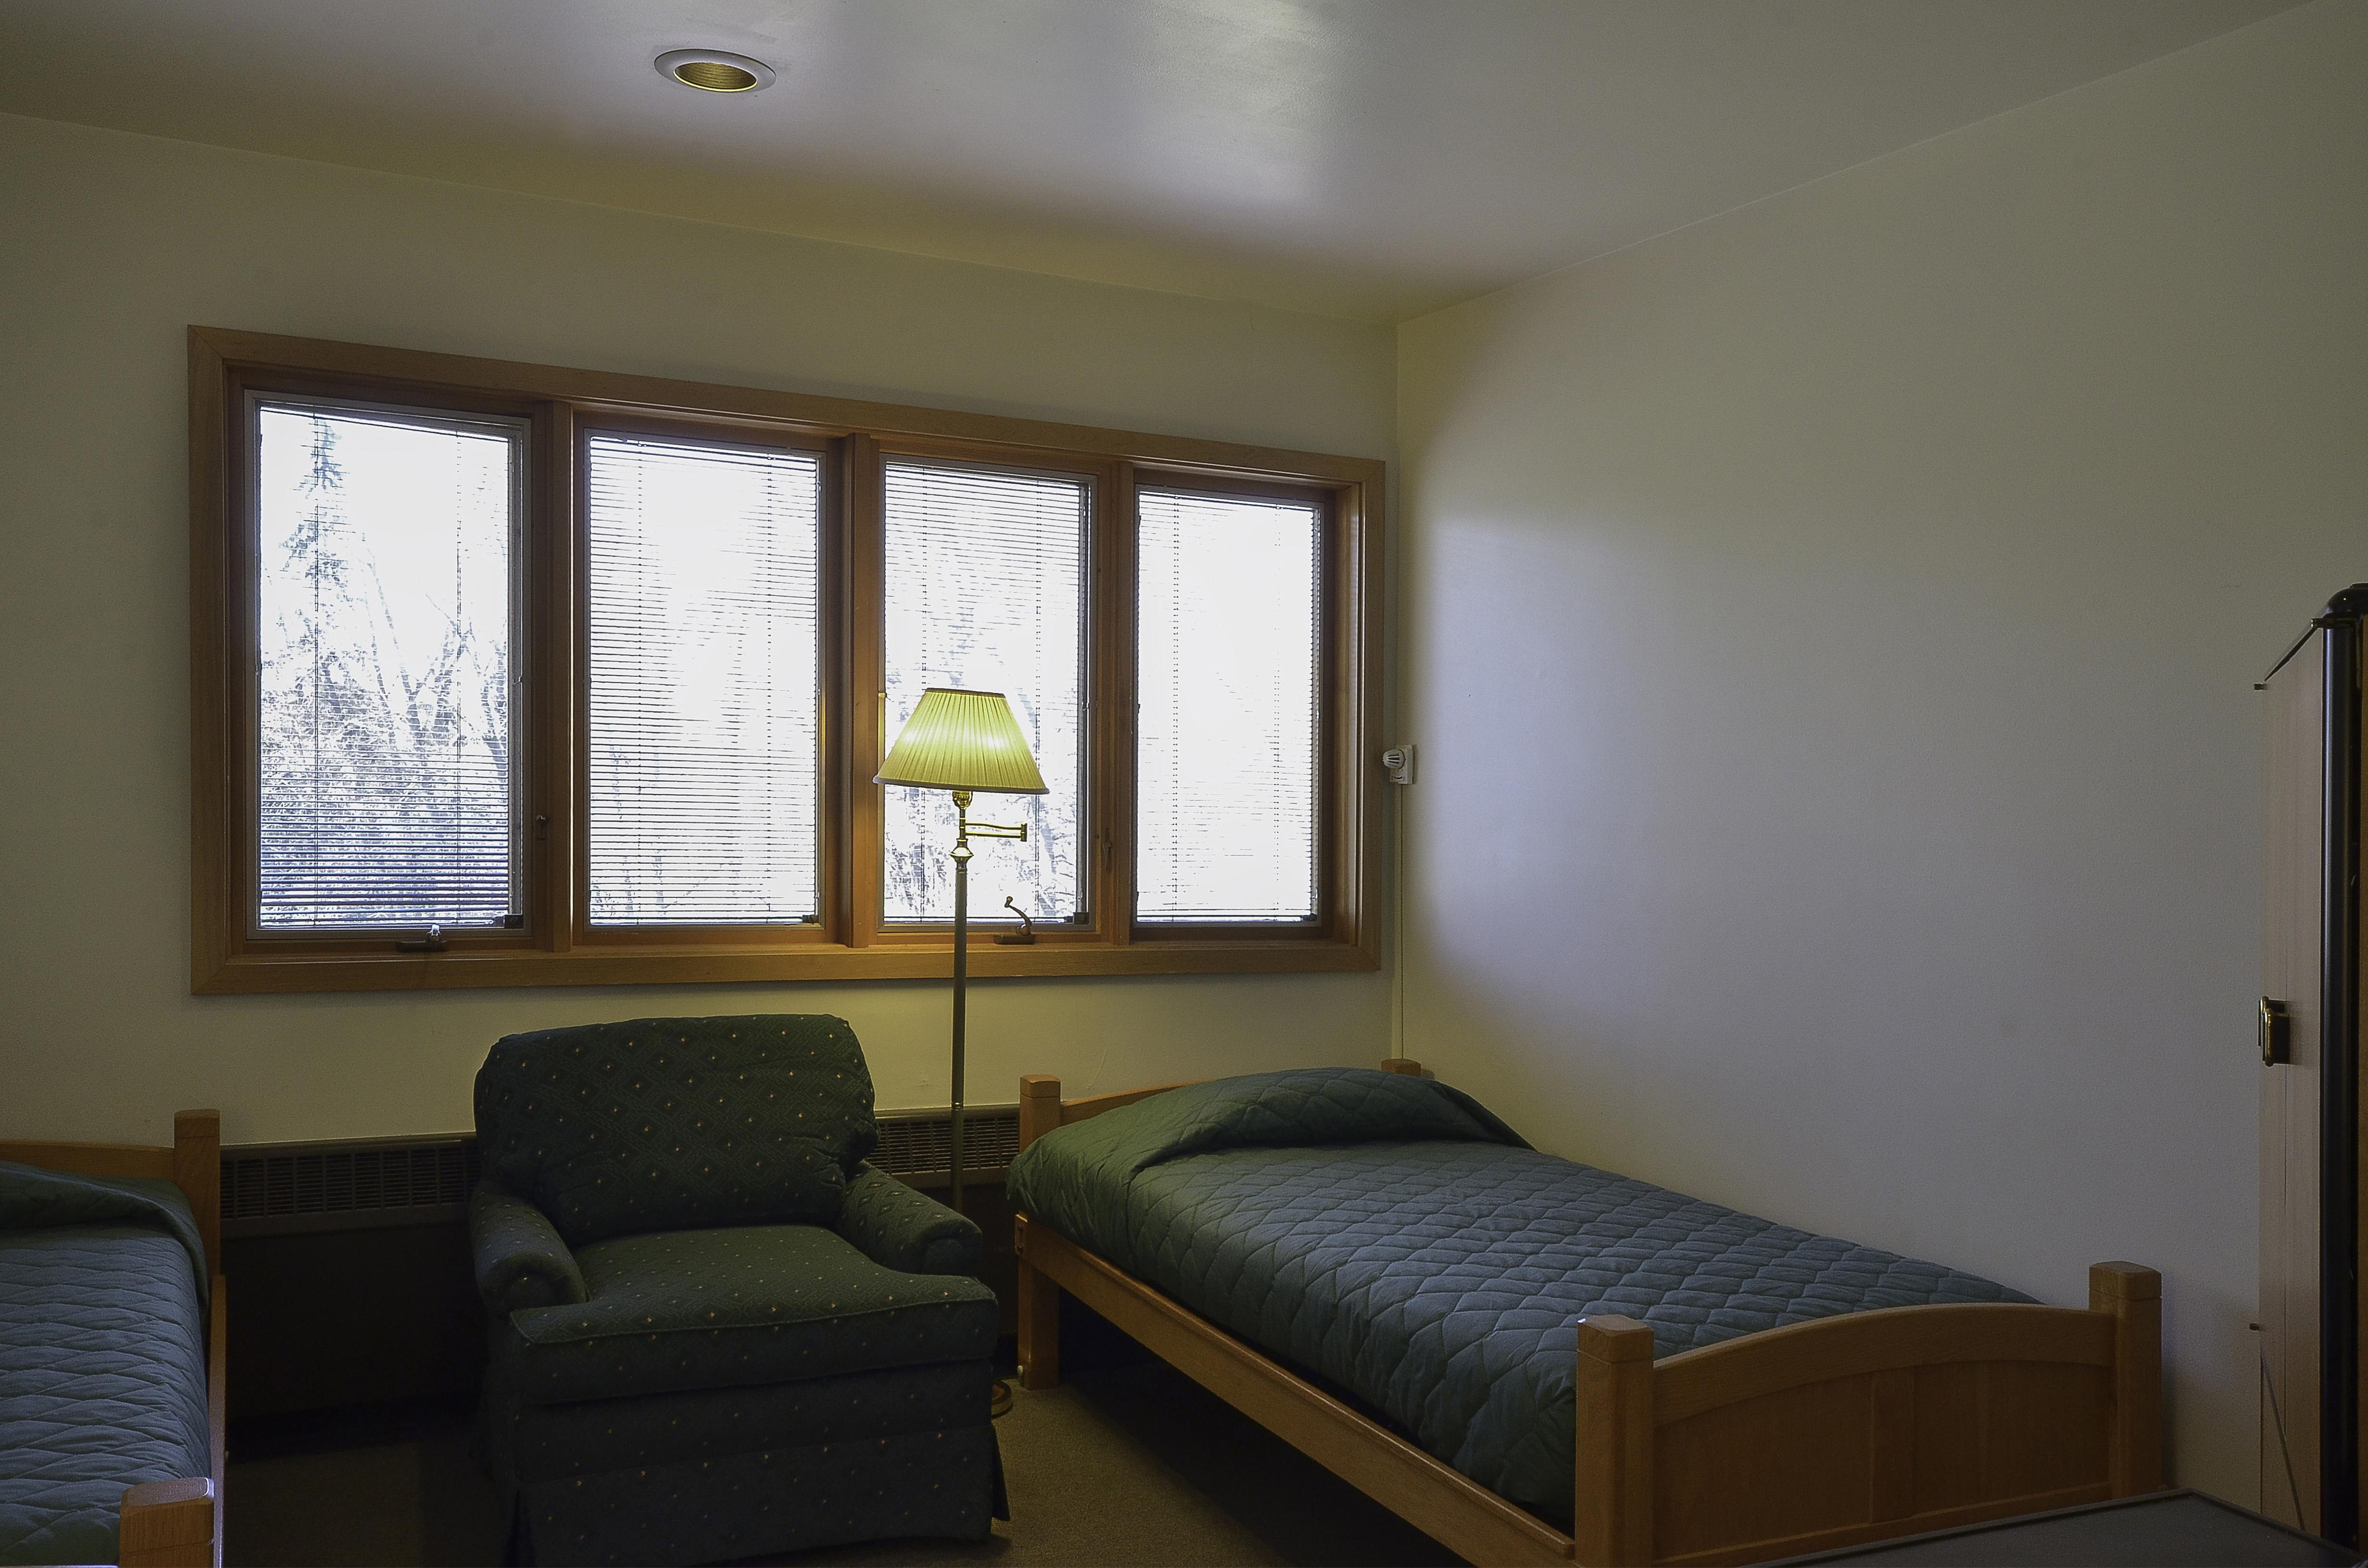 Dormroom 1